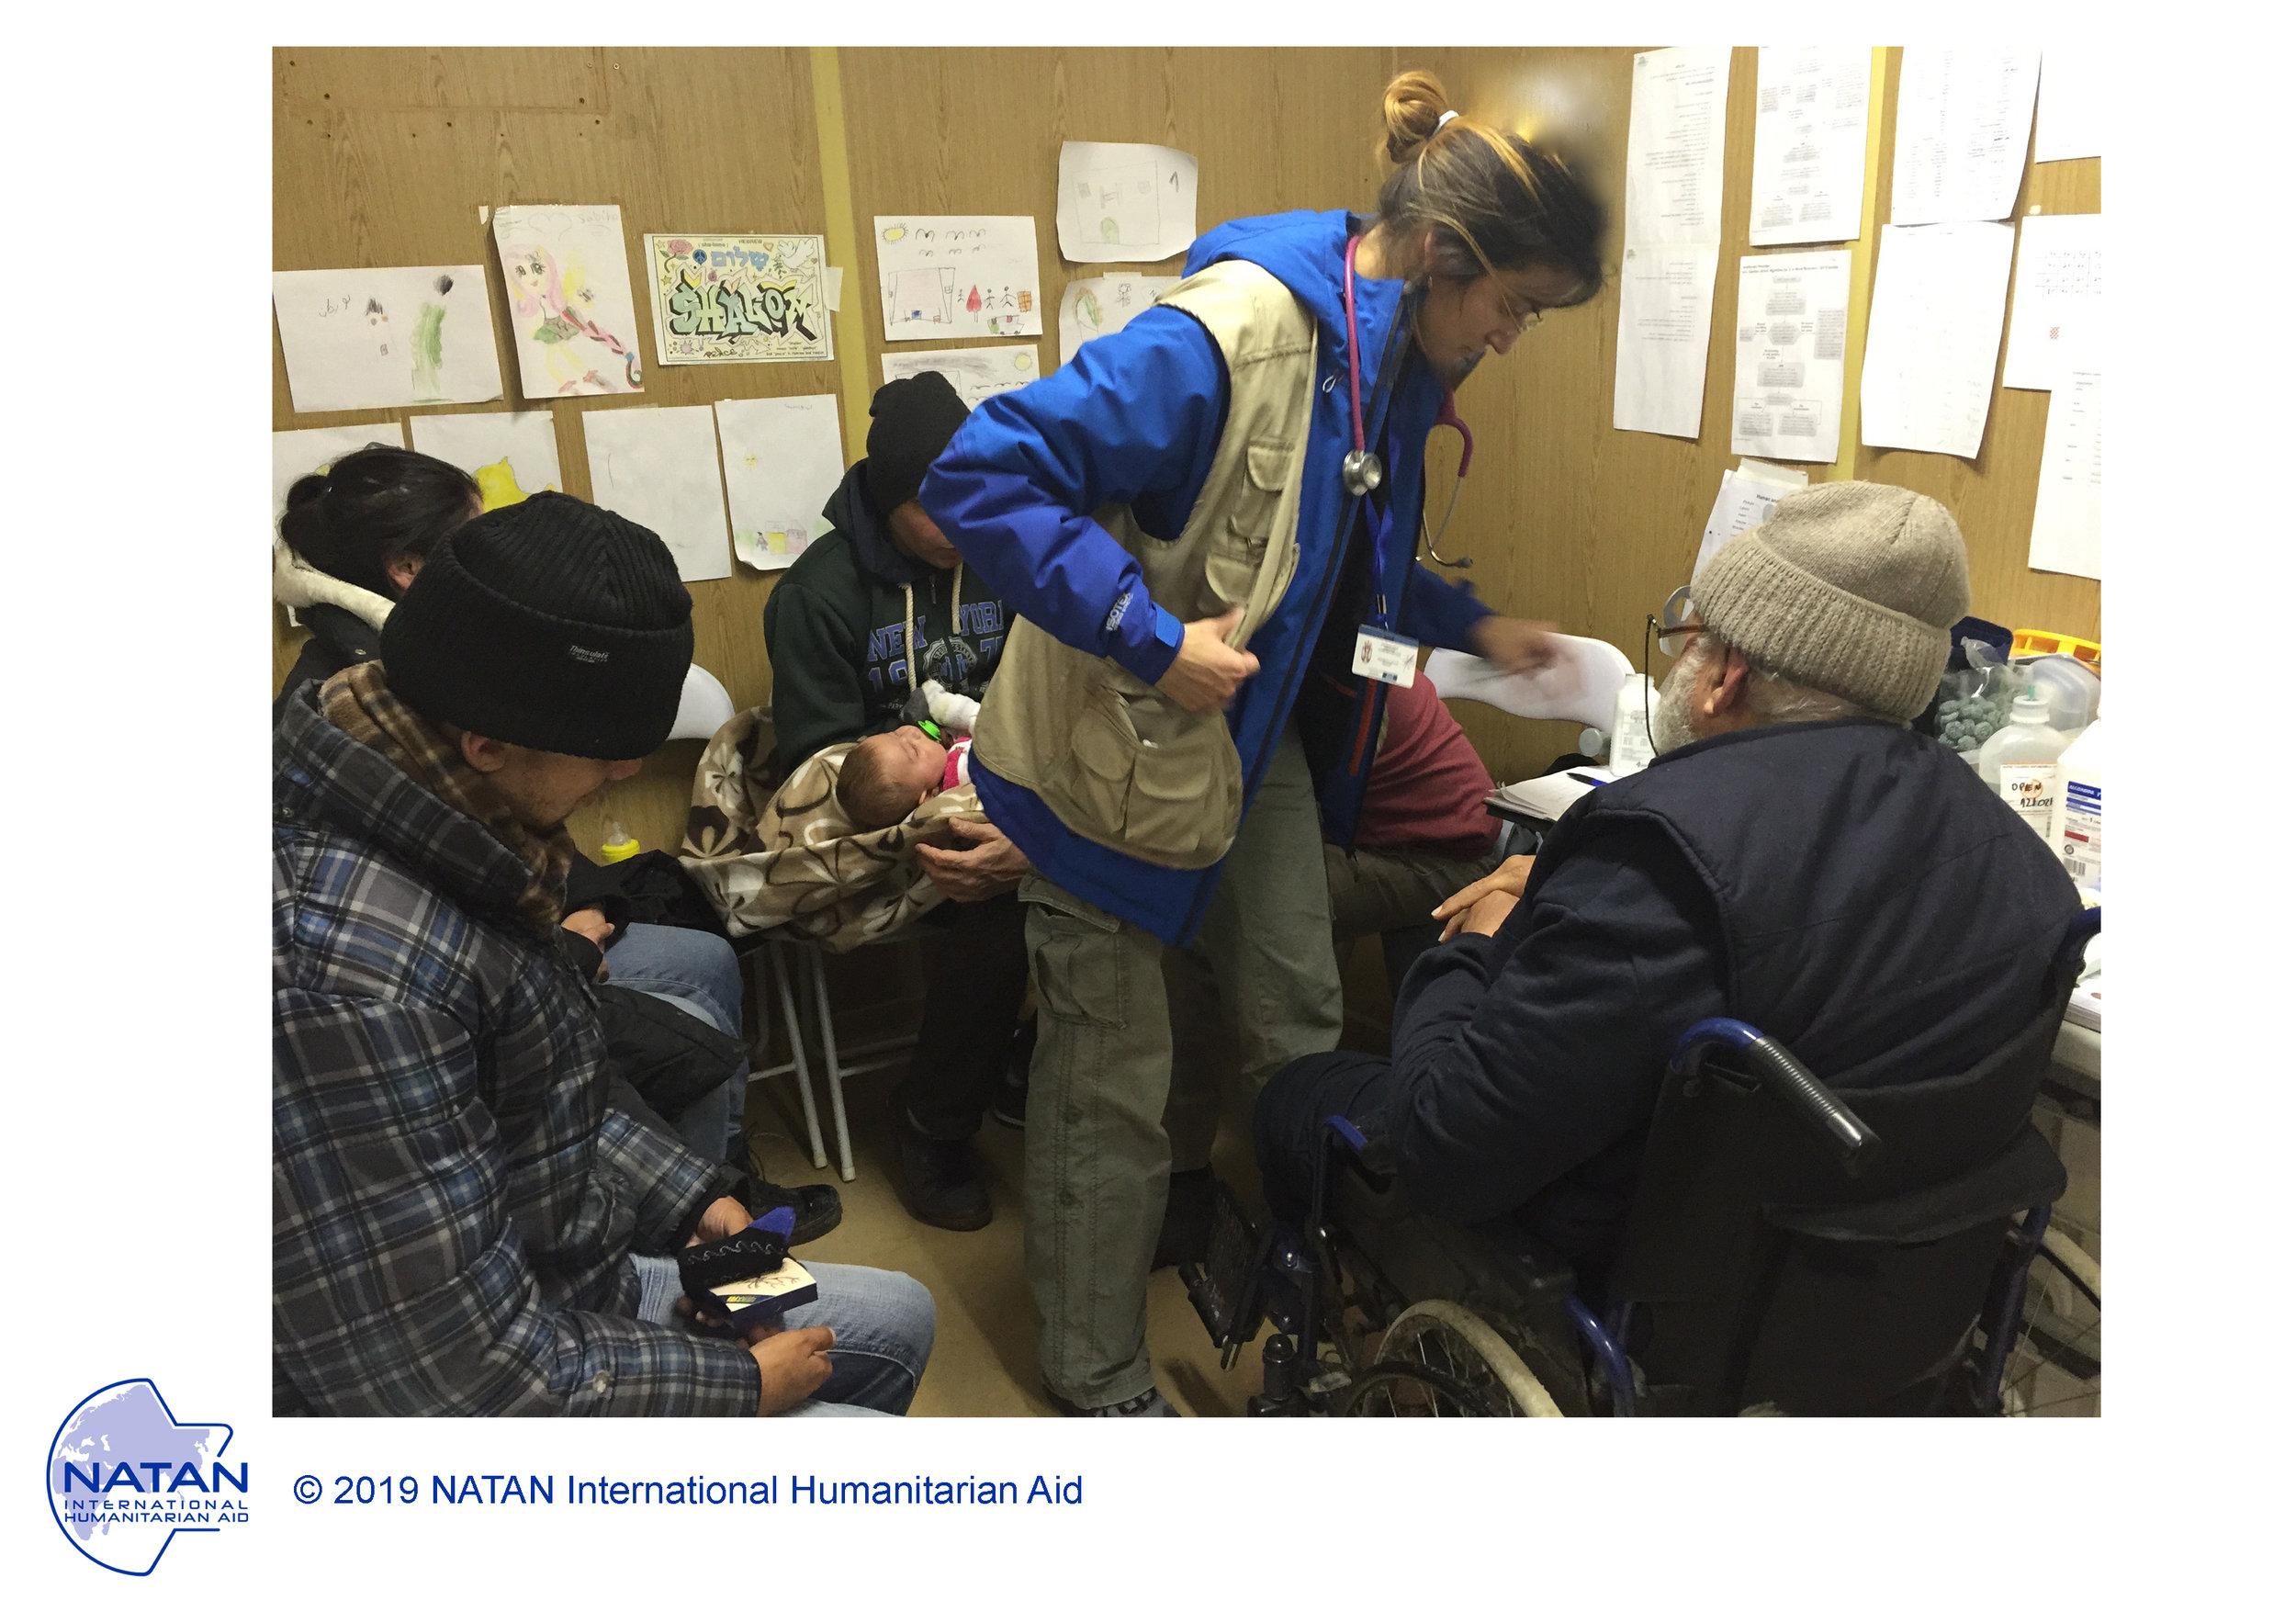 SERBIA 2016 - NATAN MD treating REFUGEES in clinic AT PRESEVO TRANSIT CAMP, NEAR THE MACEDONIAN BORDER